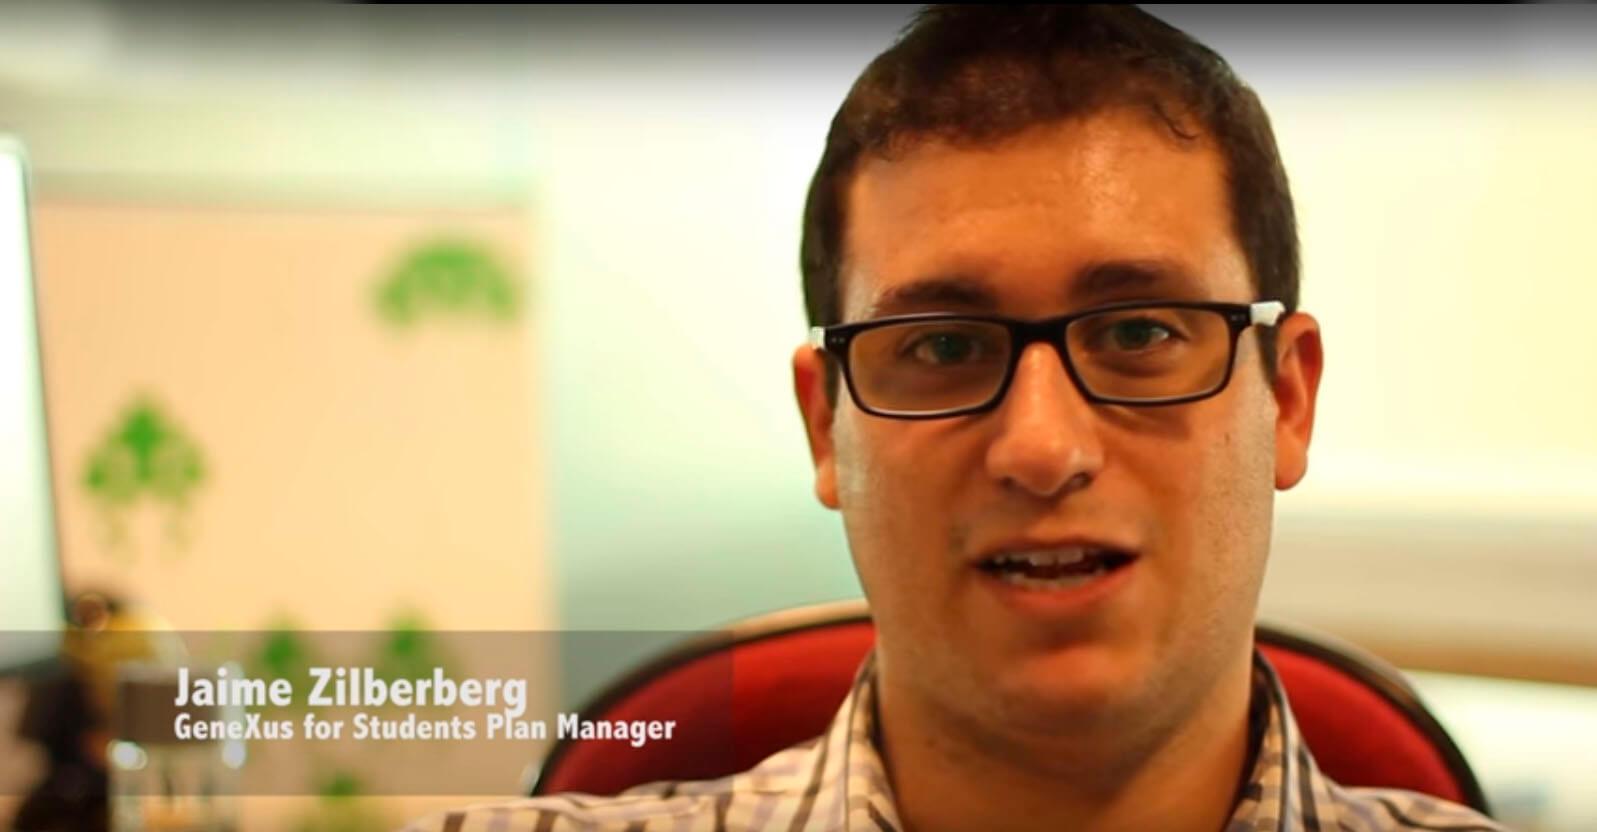 Jaime Zilberberg - Genexus for Students